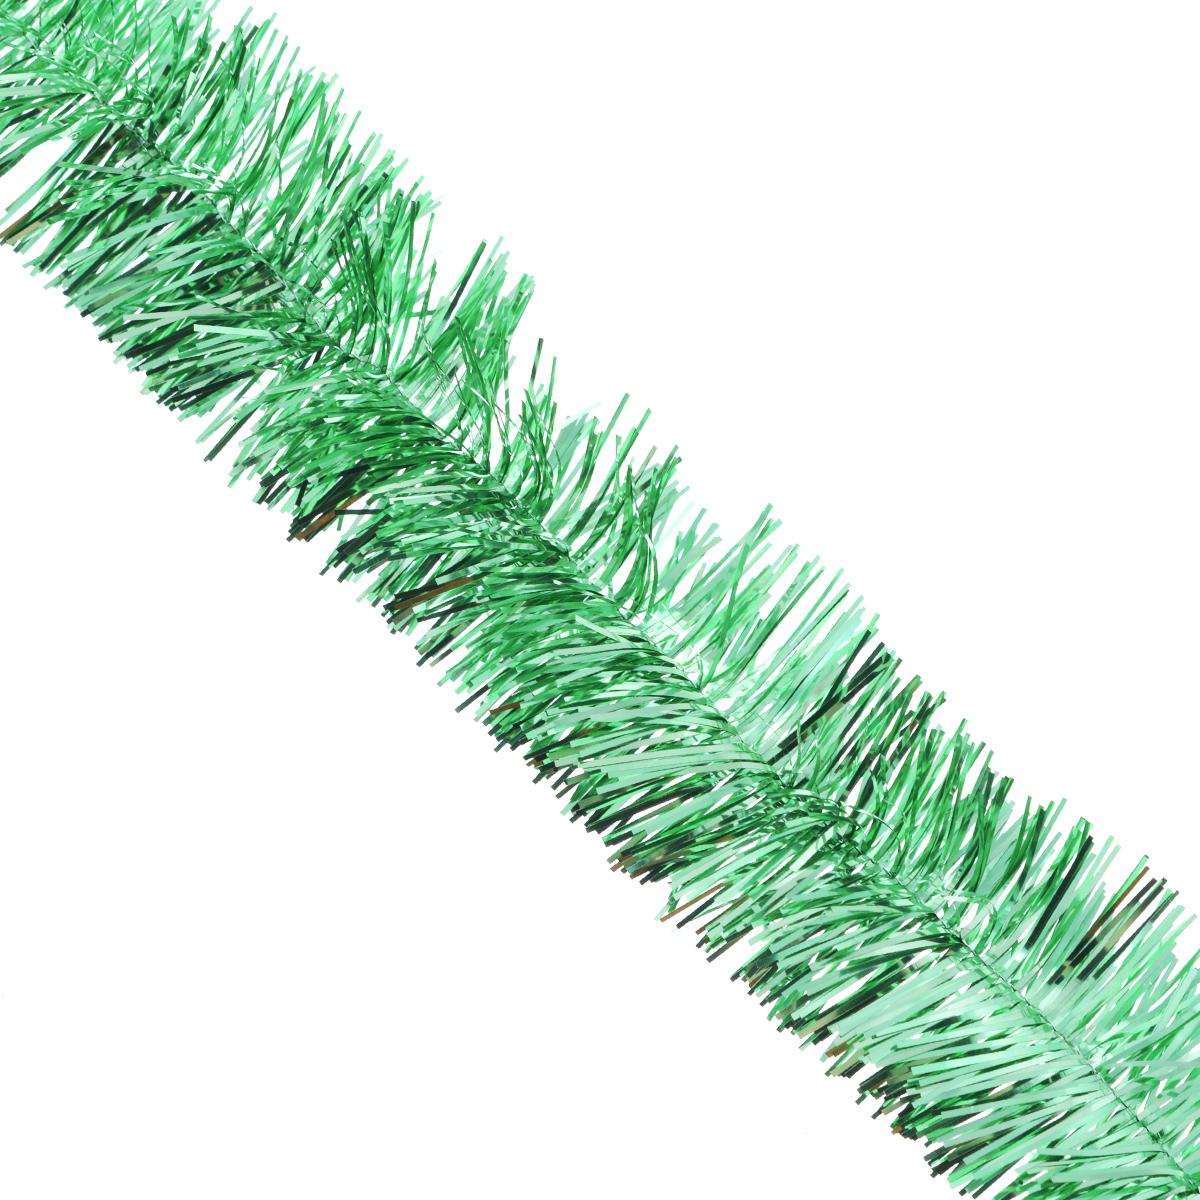 Мишура новогодняя Sima-land, цвет: серебристый, зеленый, диаметр 5 см, длина 128 см. 701305701305_серебристый, зеленыйНовогодняя мишура Sima-land, выполненная из фольги, поможет вам украсить свой дом к предстоящим праздникам. А новогодняя елка с таким украшением станет еще наряднее. Мишура армирована, то есть имеет проволоку внутри и способна сохранять любую форму, которую вы ей придадите. Новогодней мишурой можно украсить все, что угодно - елку, квартиру, дачу, офис - как внутри, так и снаружи. Можно сложить новогодние поздравления, буквы и цифры, мишурой можно украсить и дополнить гирлянды, можно выделить дверные колонны, оплести дверные проемы.